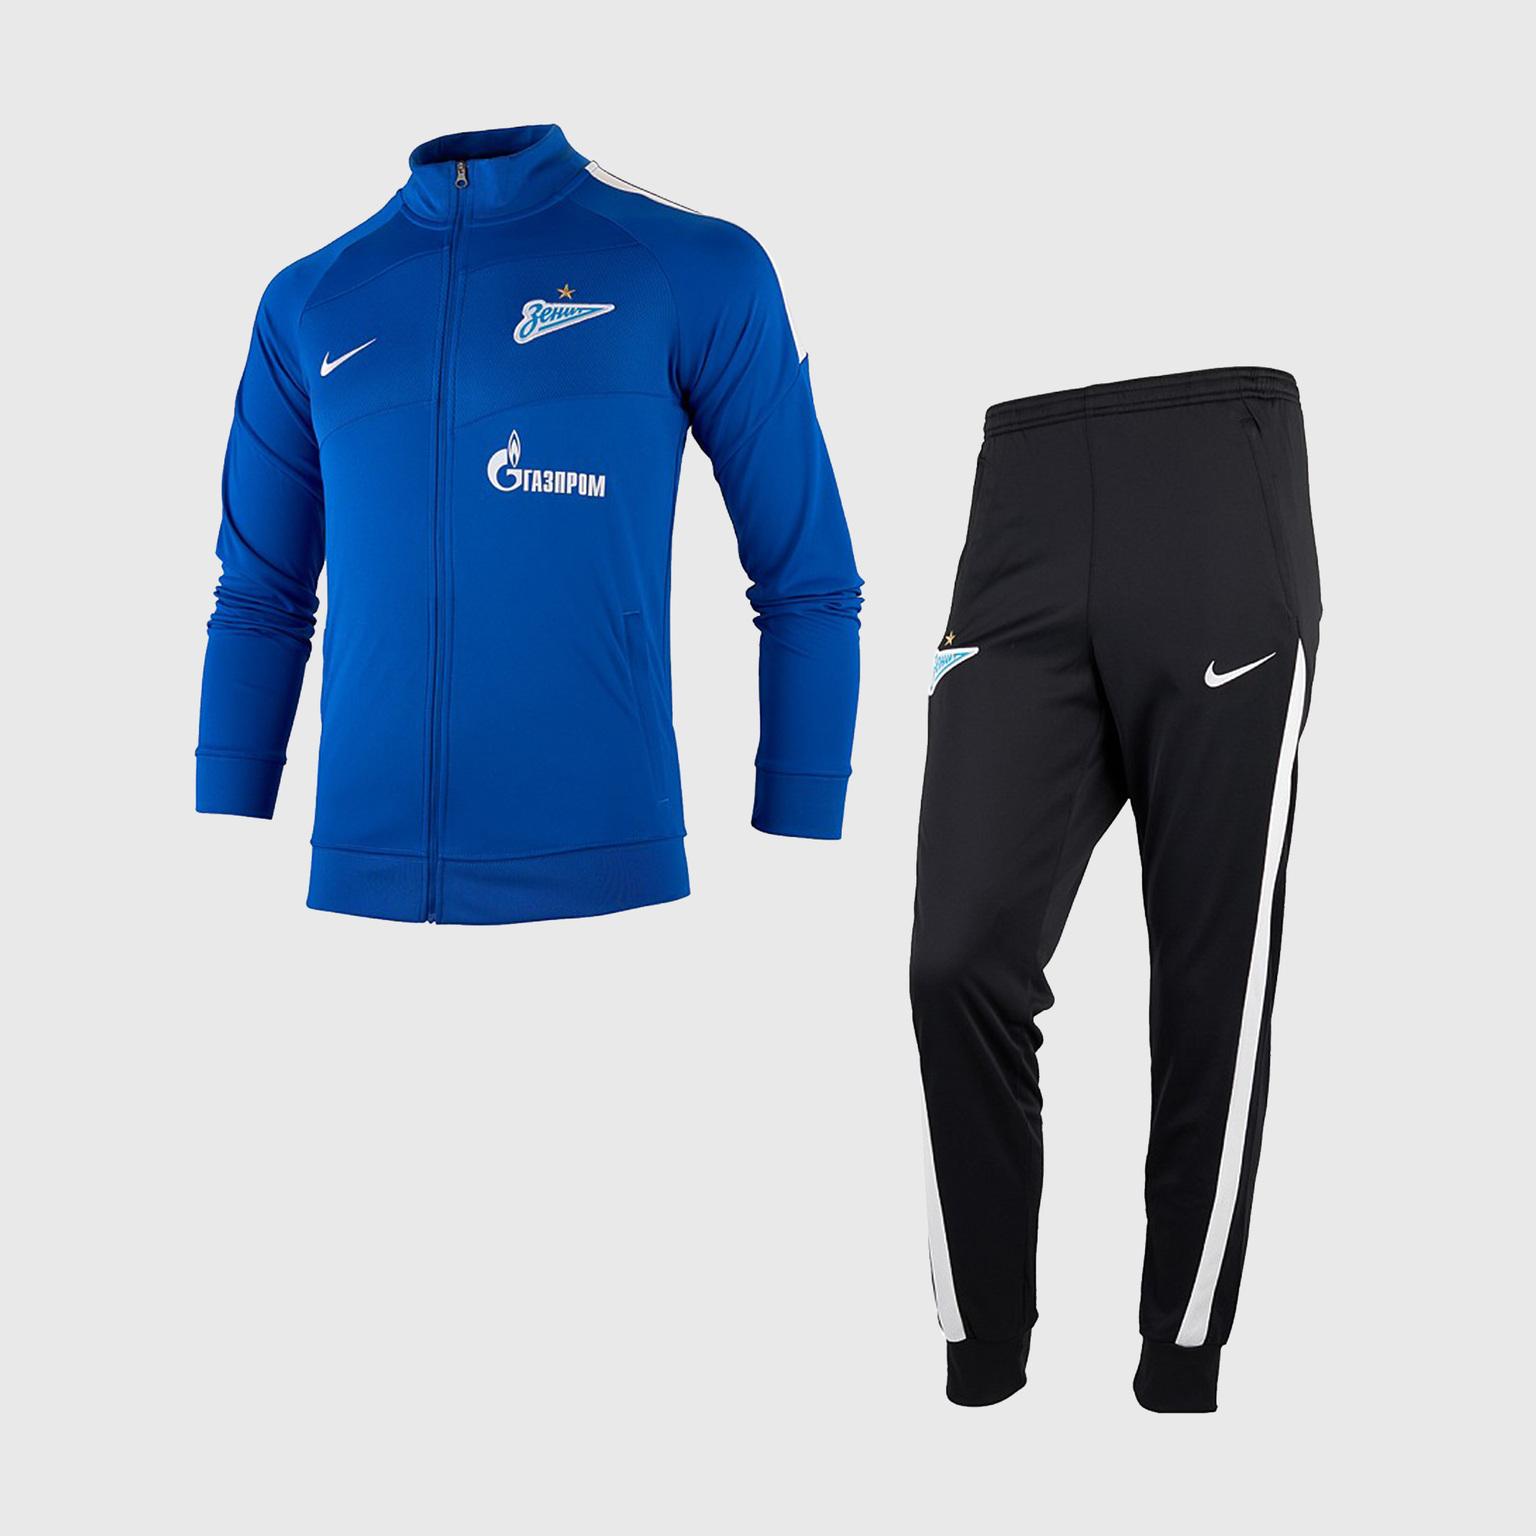 Костюм спортивный подростковый Nike Zenit сезон 2020/21 костюм спортивный nike spe fleece suit bv3017 058